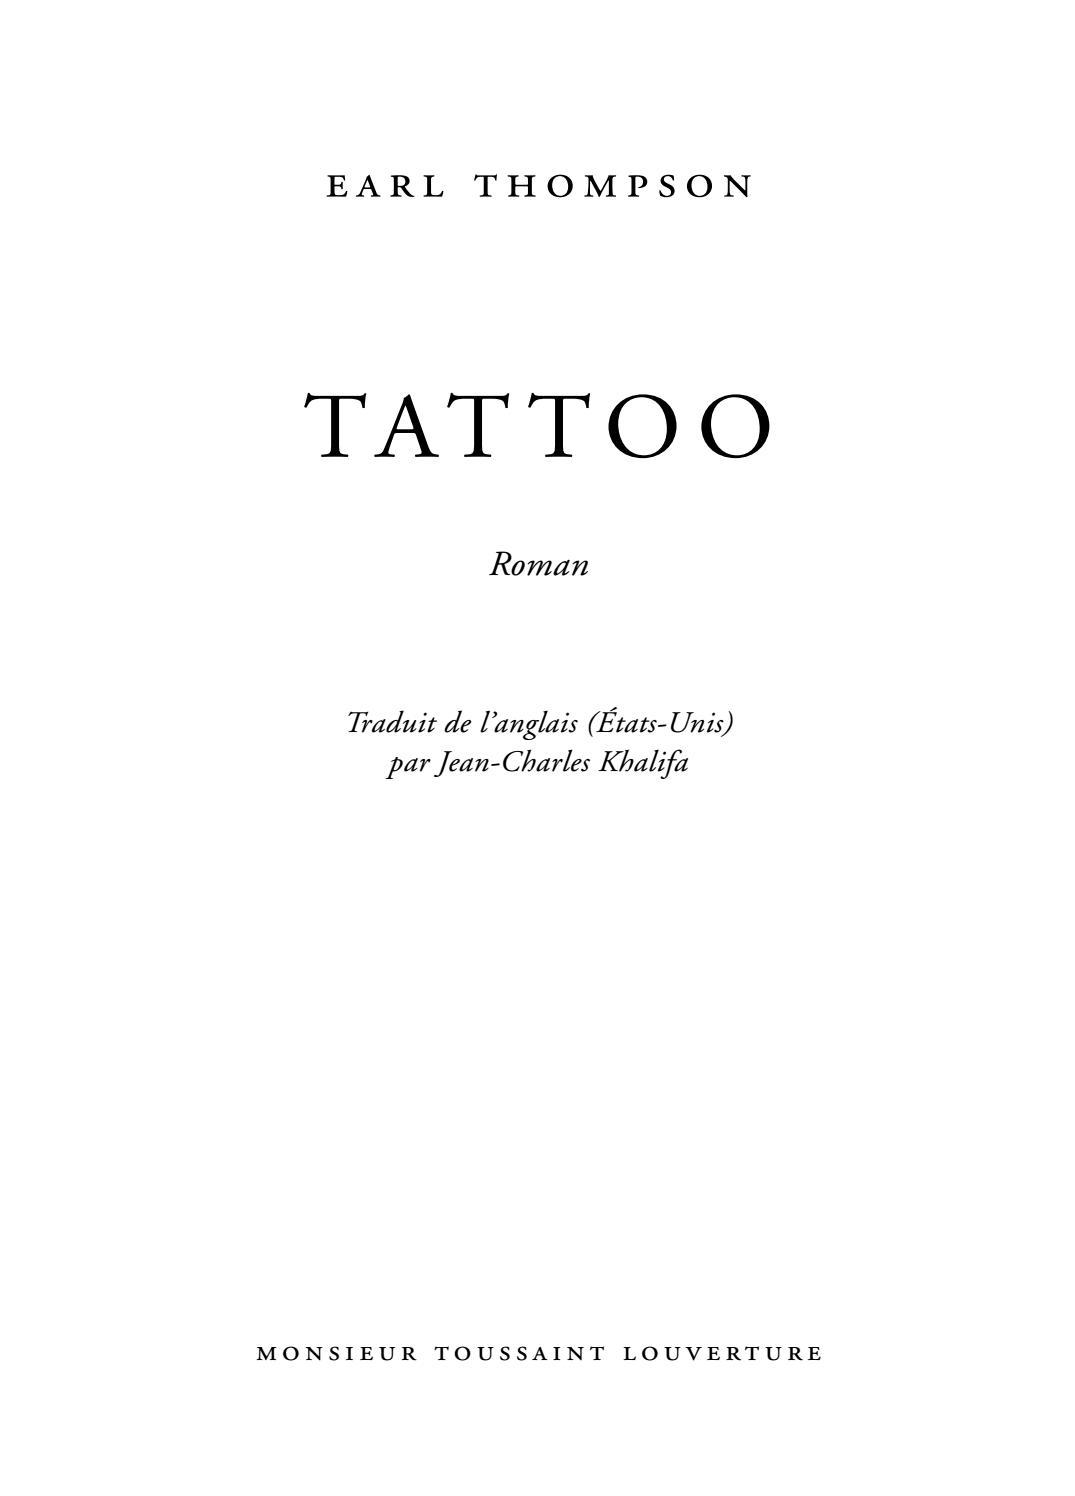 Tattoo D'earl Thompson Publié Par Monsieur Toussaint destiné Ivre Mots Fleches